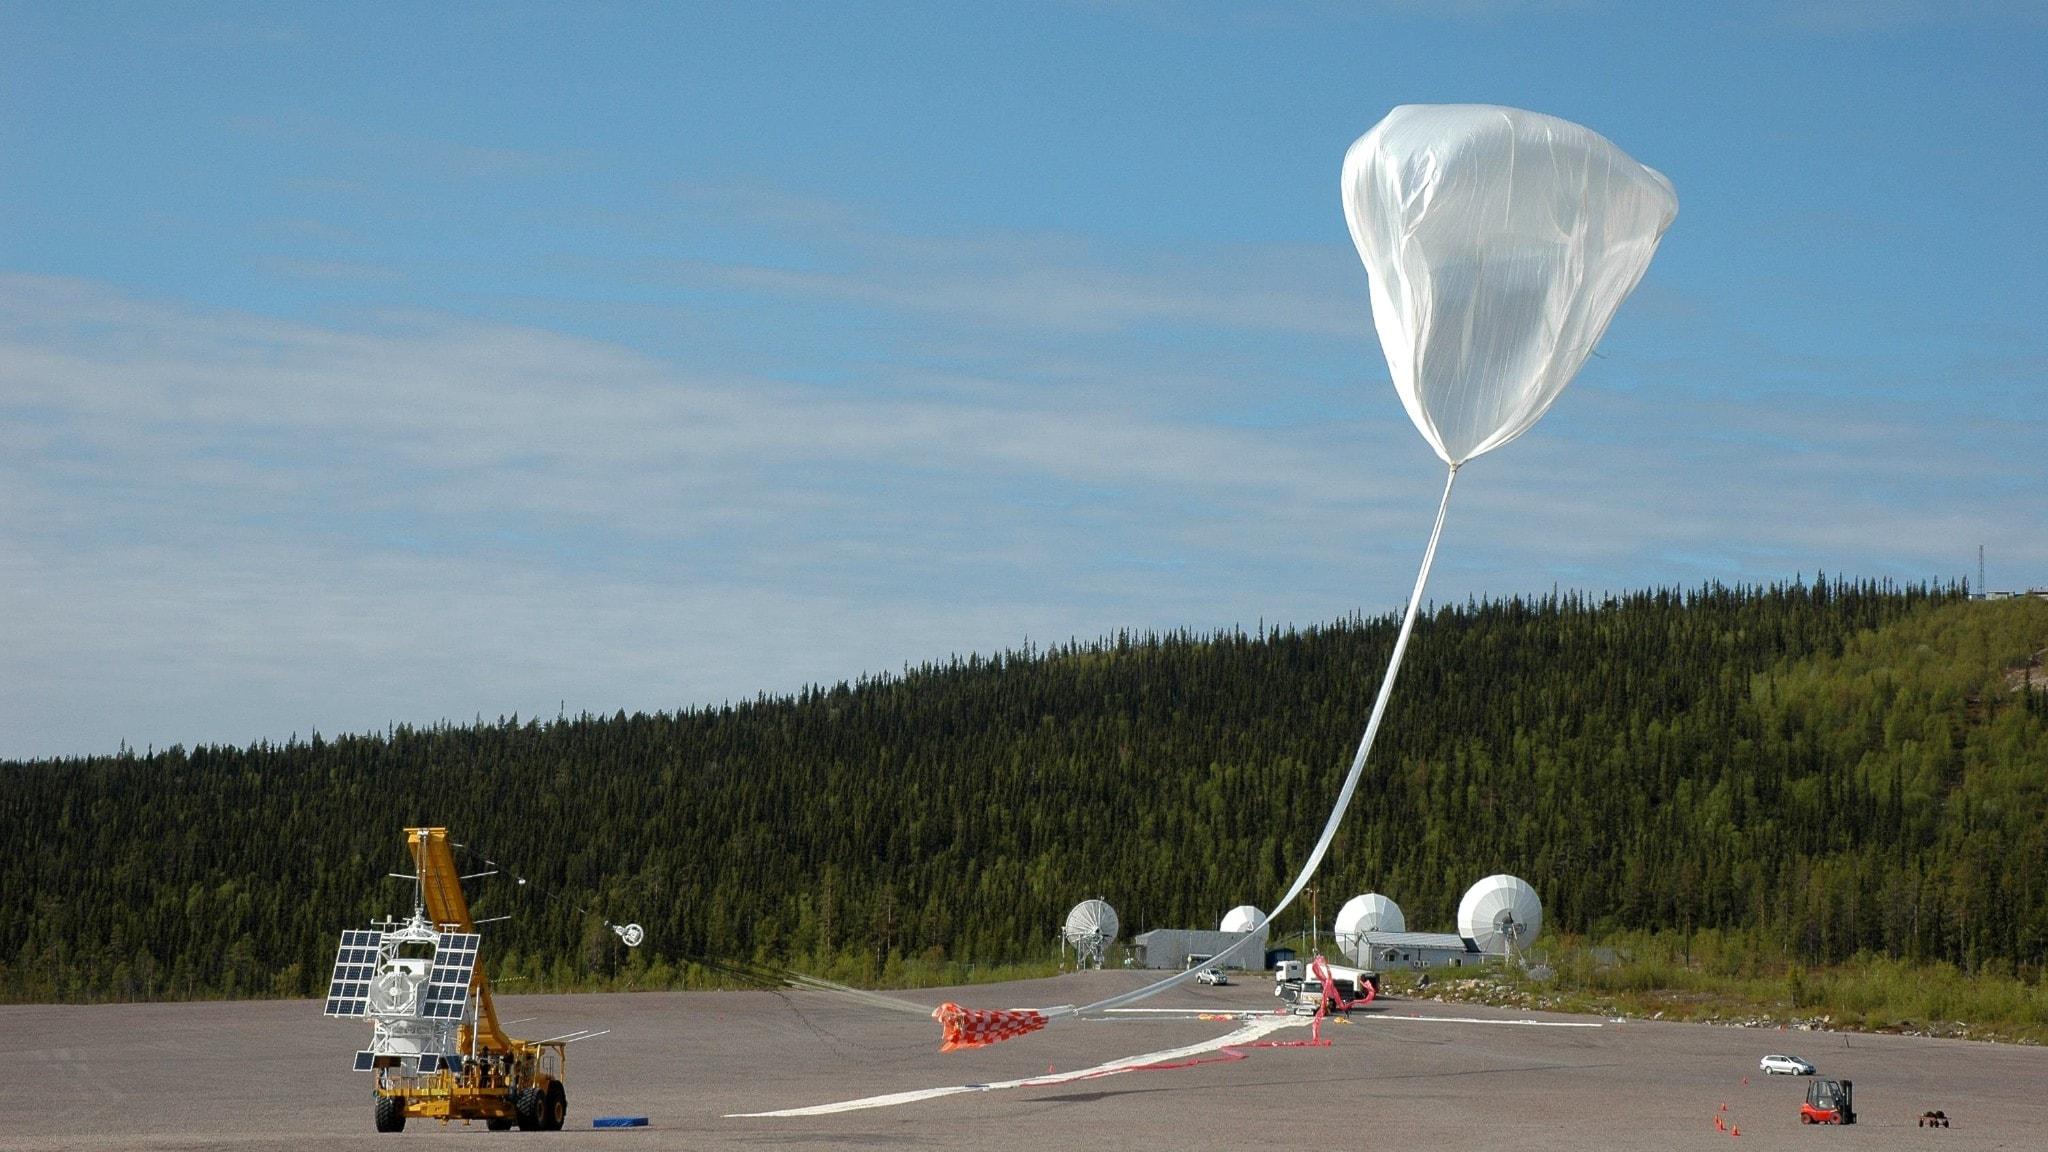 Ballong skickas upp från rymdbasen Esrange i Kiruna.